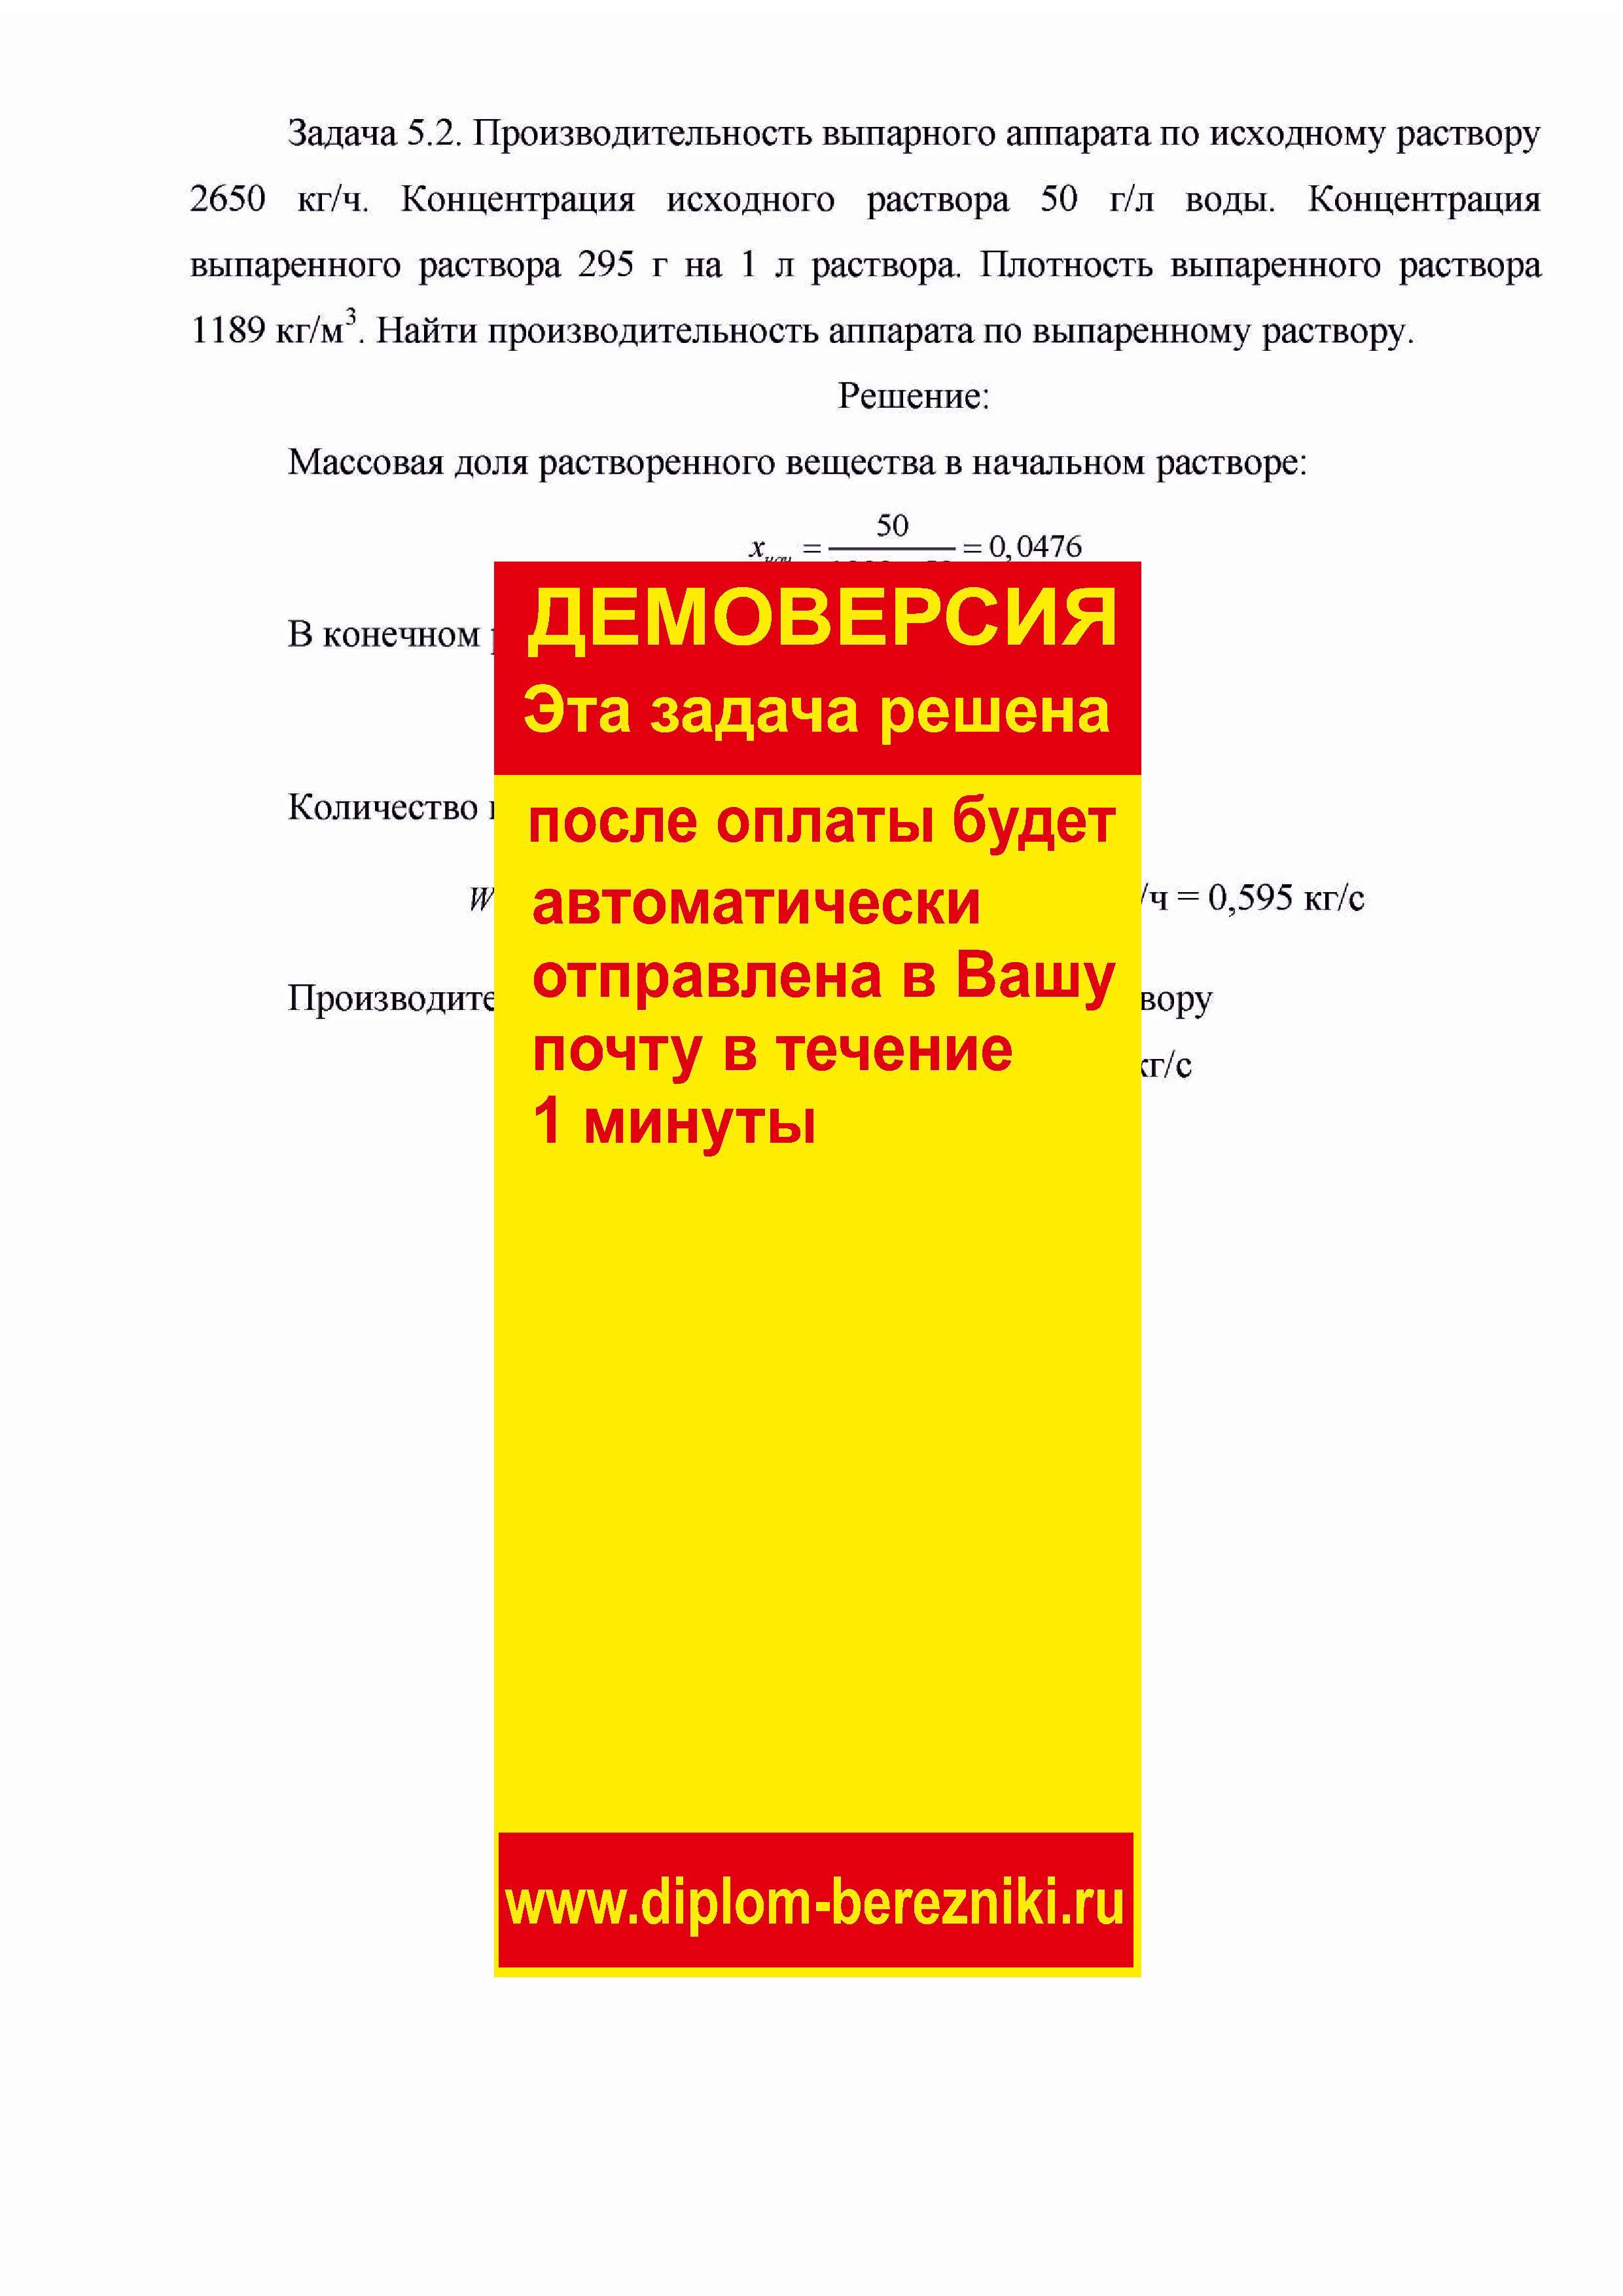 Решение задачи 5.2 по ПАХТ из задачника Павлова Романкова Носкова